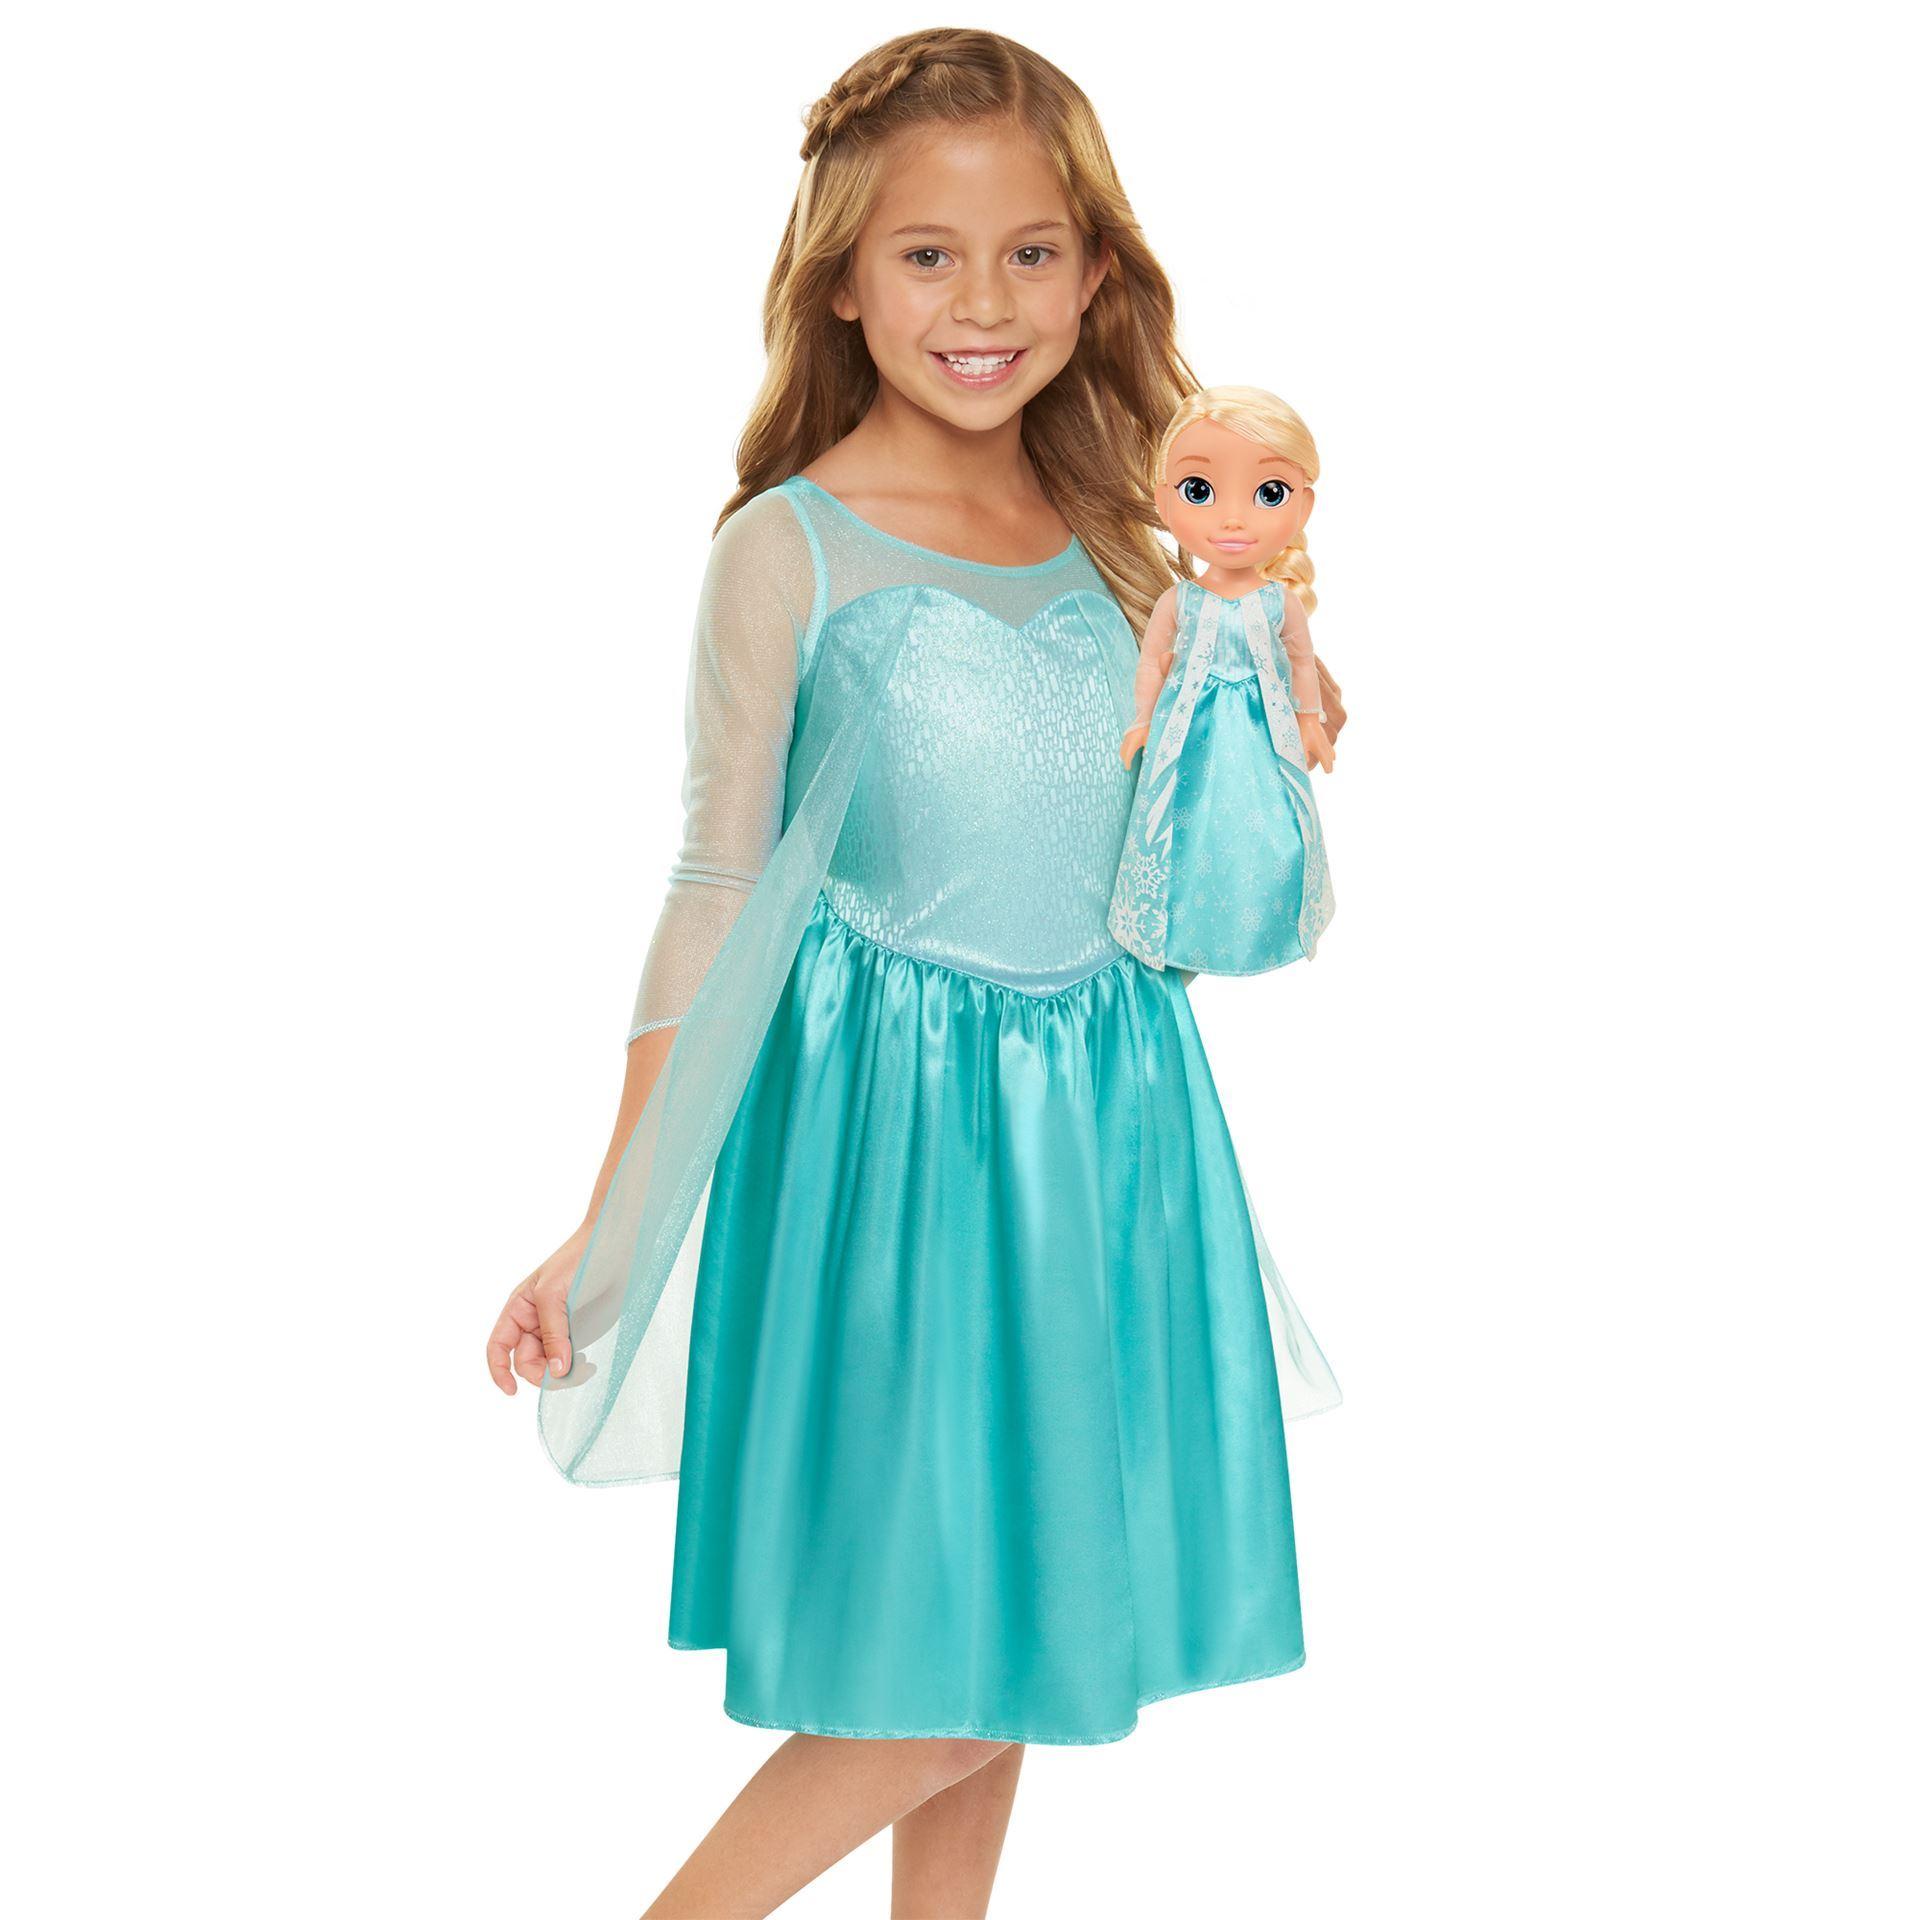 Ositos y Cía.. Muñeca Frozen Elsa con vestido